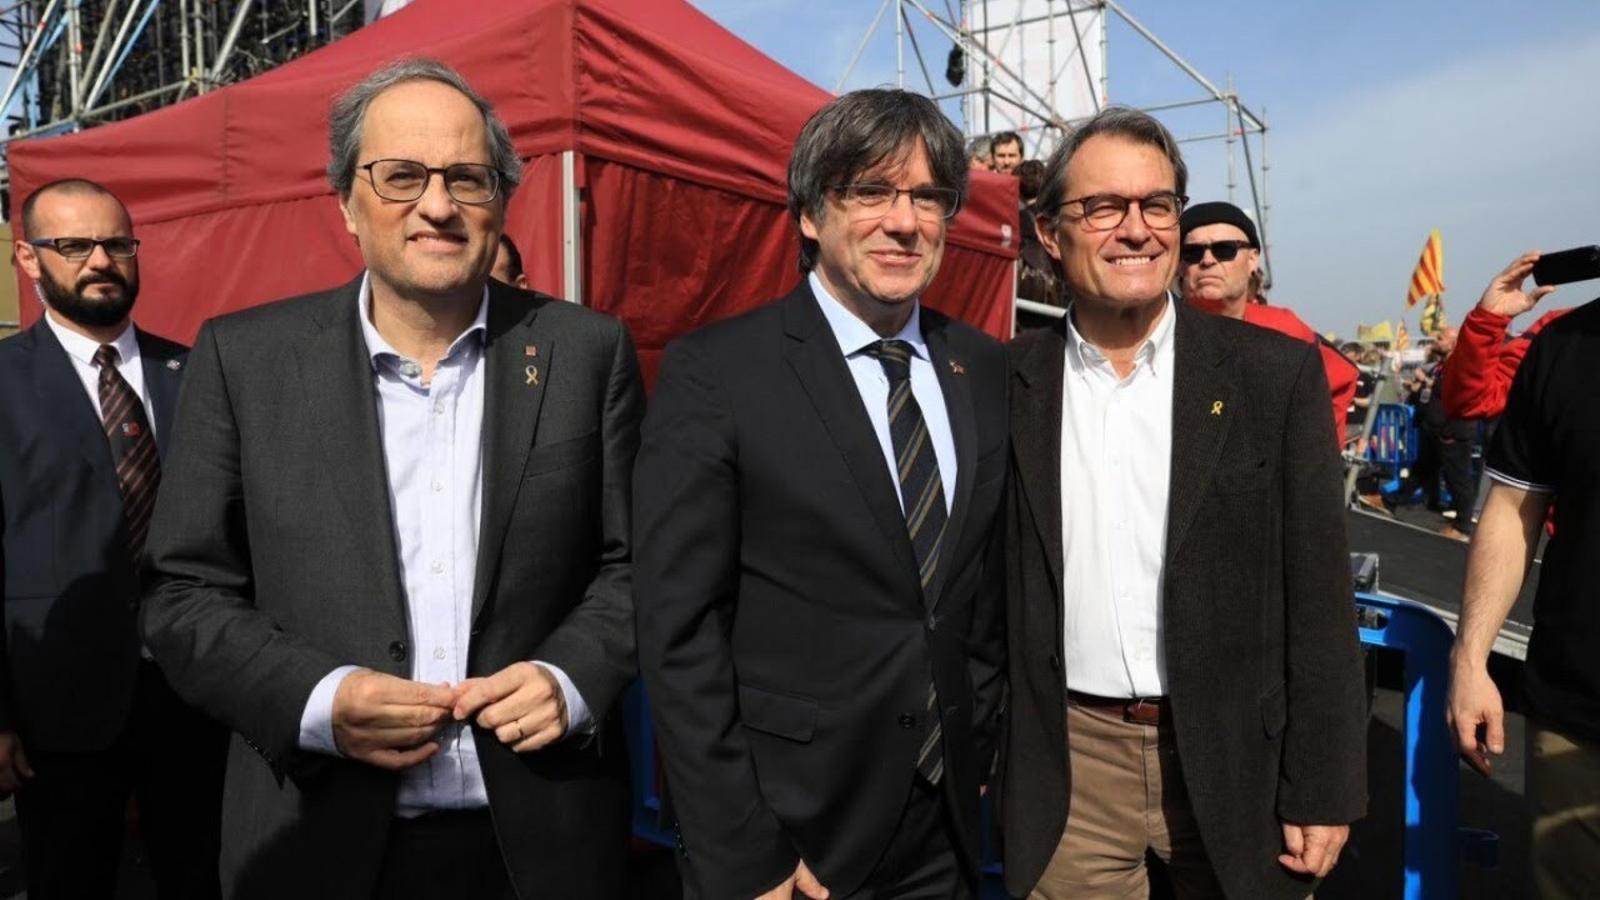 Compareixença amb els presidents Artur Mas,  Carles Puigdemont i Quim Torra des de Perpinyà